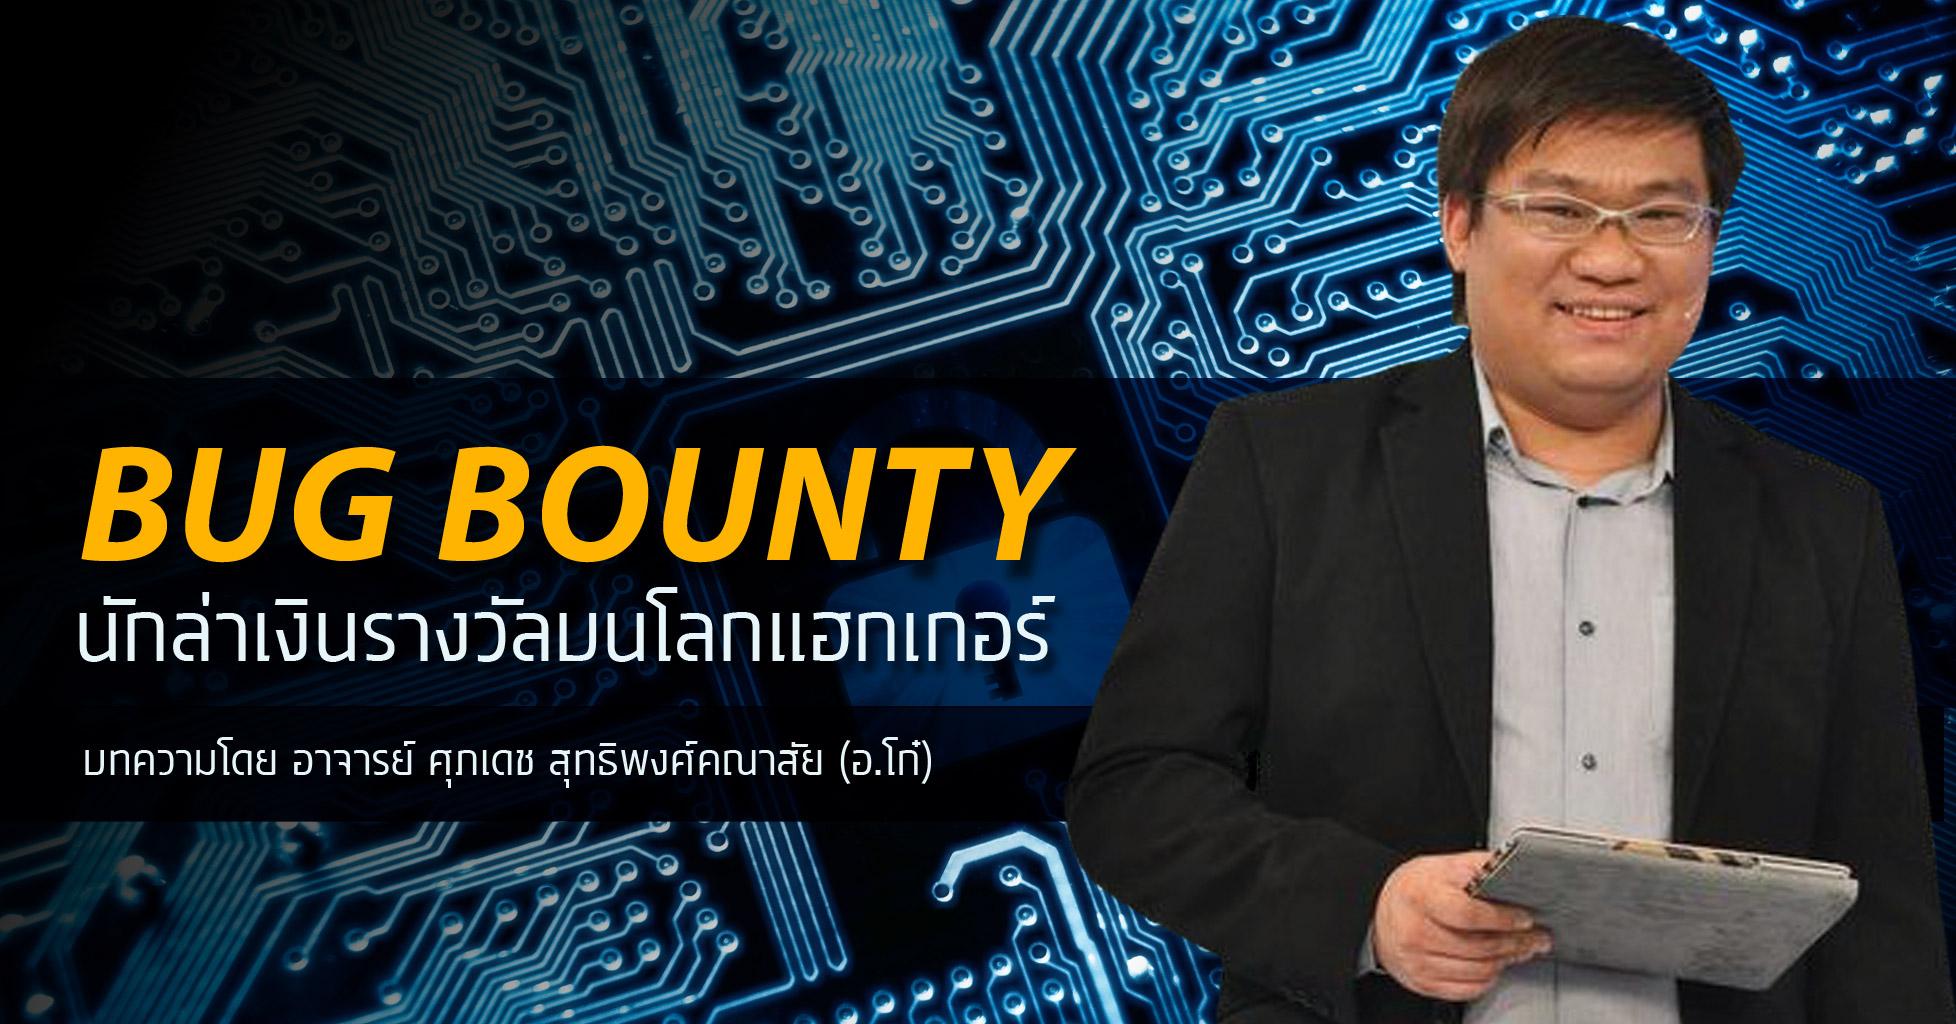 Bug Bounty นักล่าเงินรางวัลบนโลกแฮกเกอร์